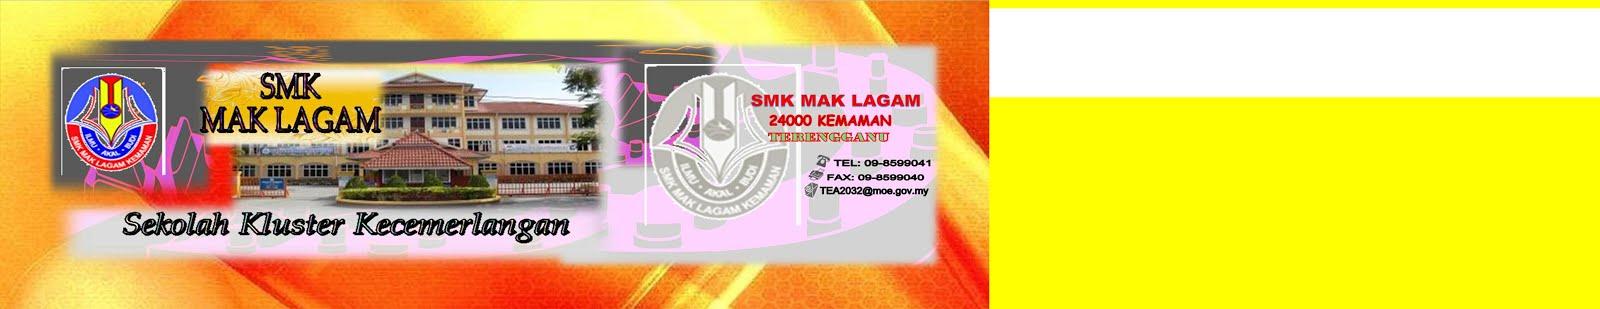 SMK Mak Lagam, Kemaman